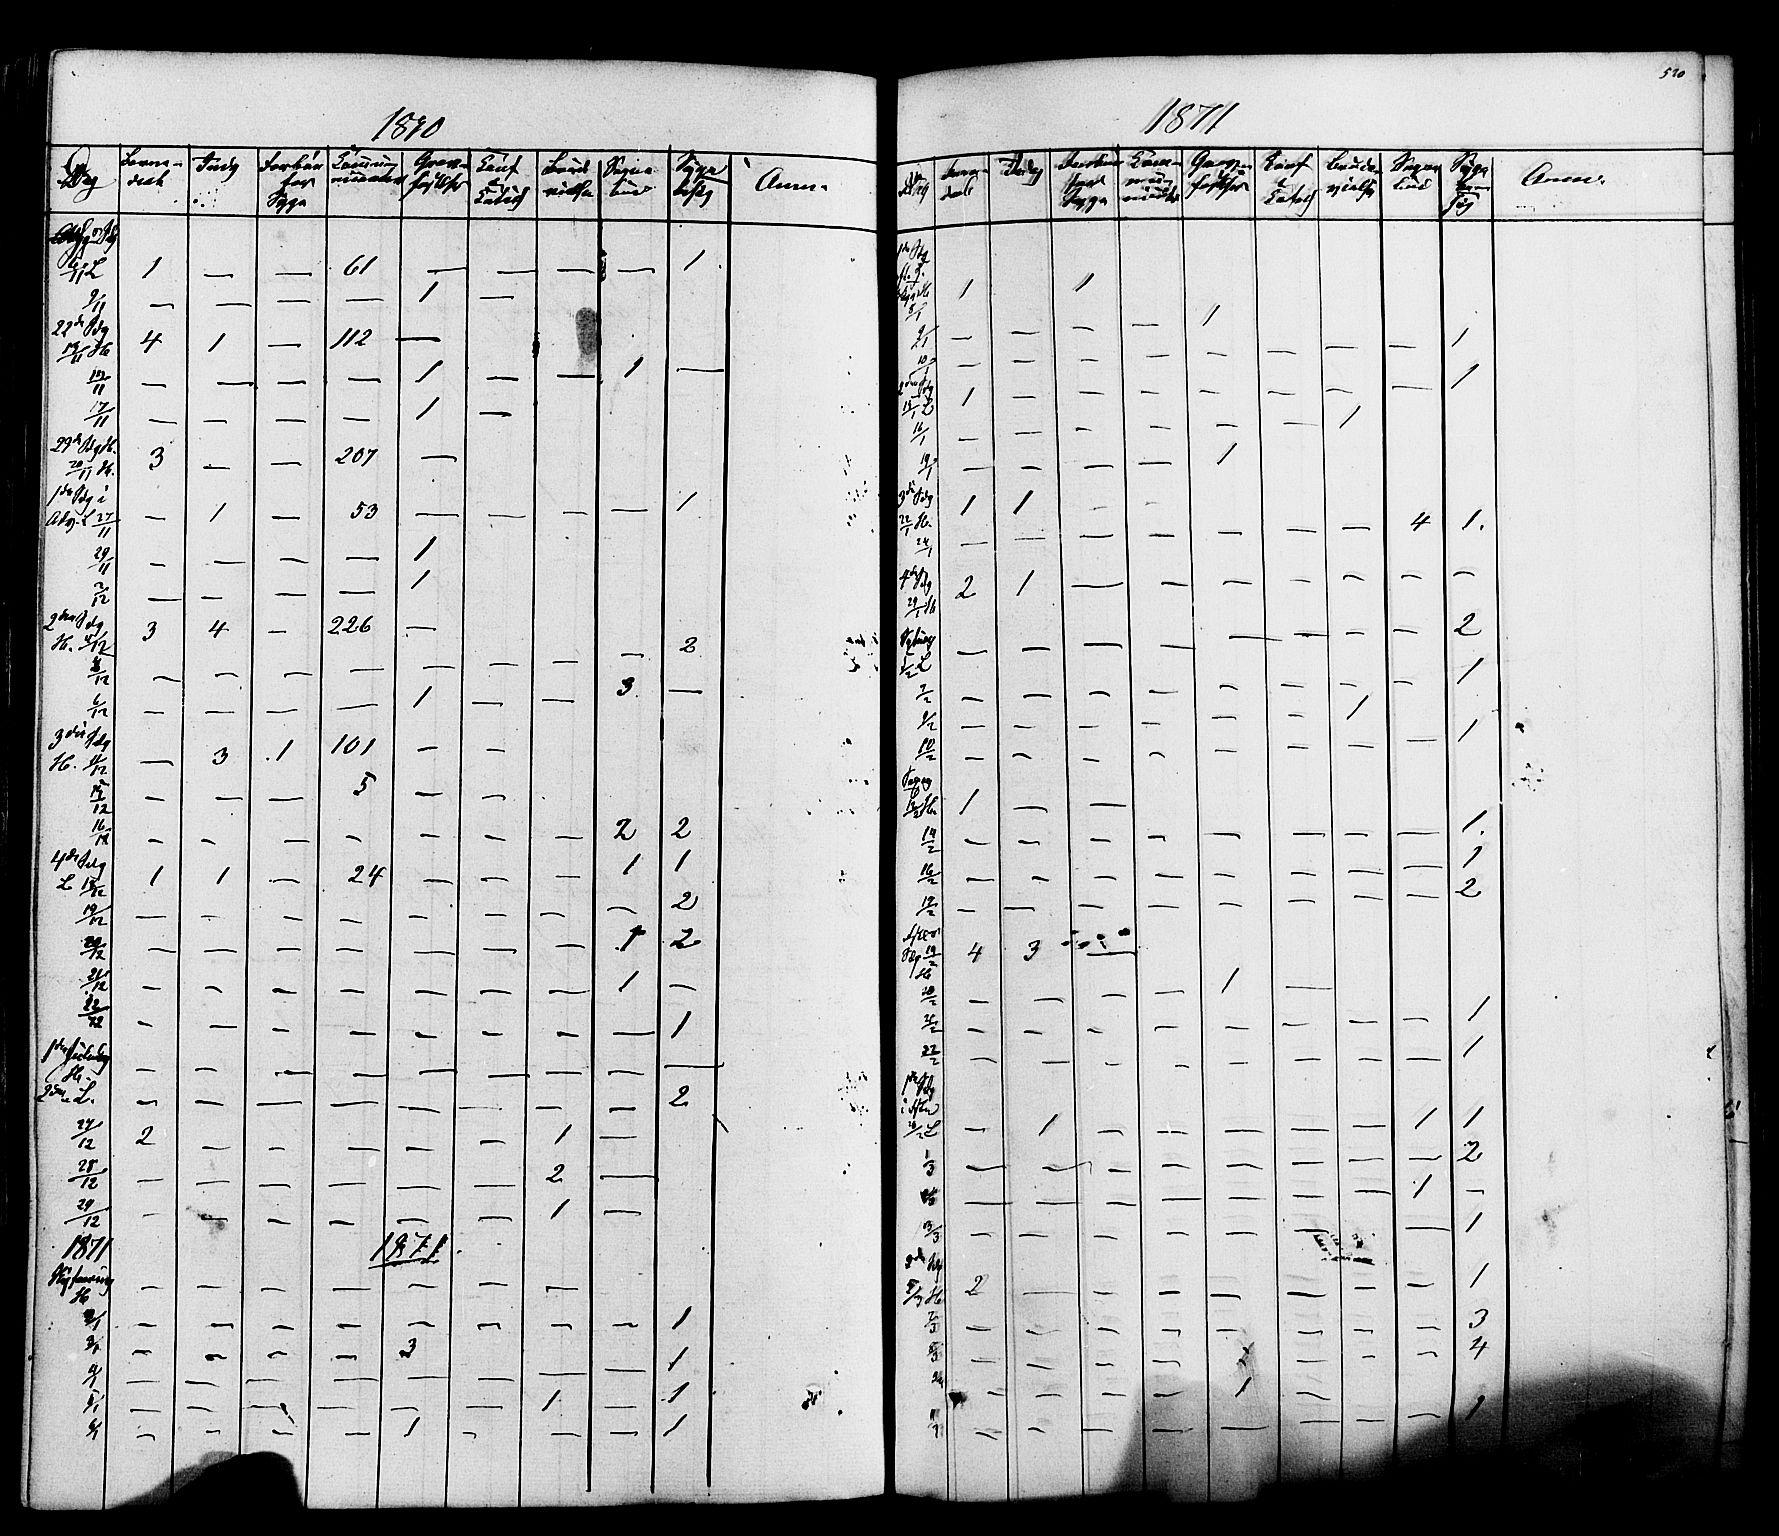 SAKO, Heddal kirkebøker, F/Fa/L0007: Ministerialbok nr. I 7, 1855-1877, s. 520